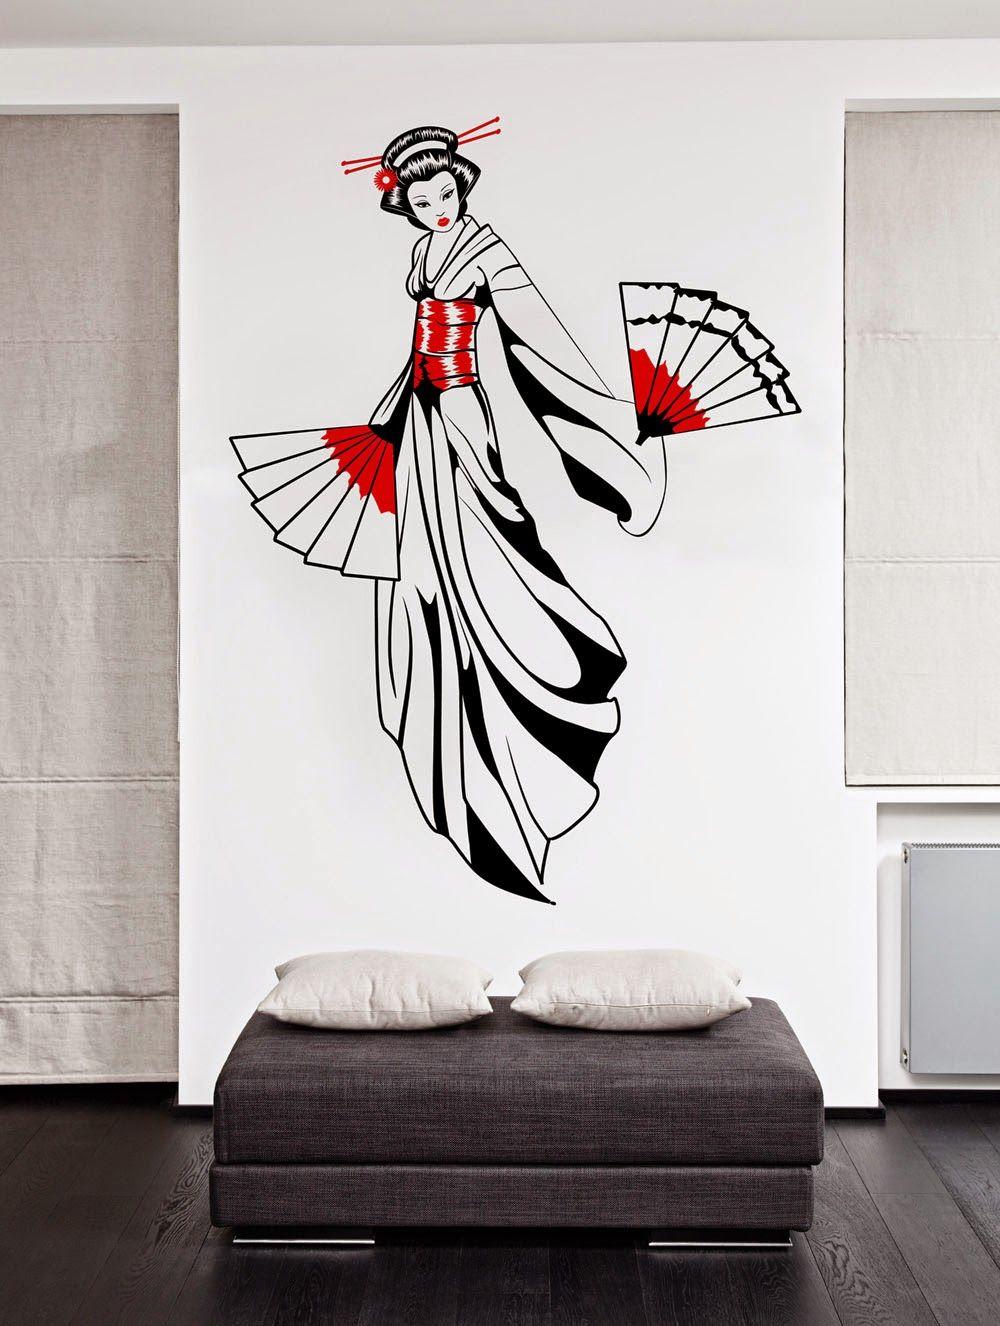 Vinilo decorativo moderno mo226 con imagen de una geisha for Vinilo blanco pared